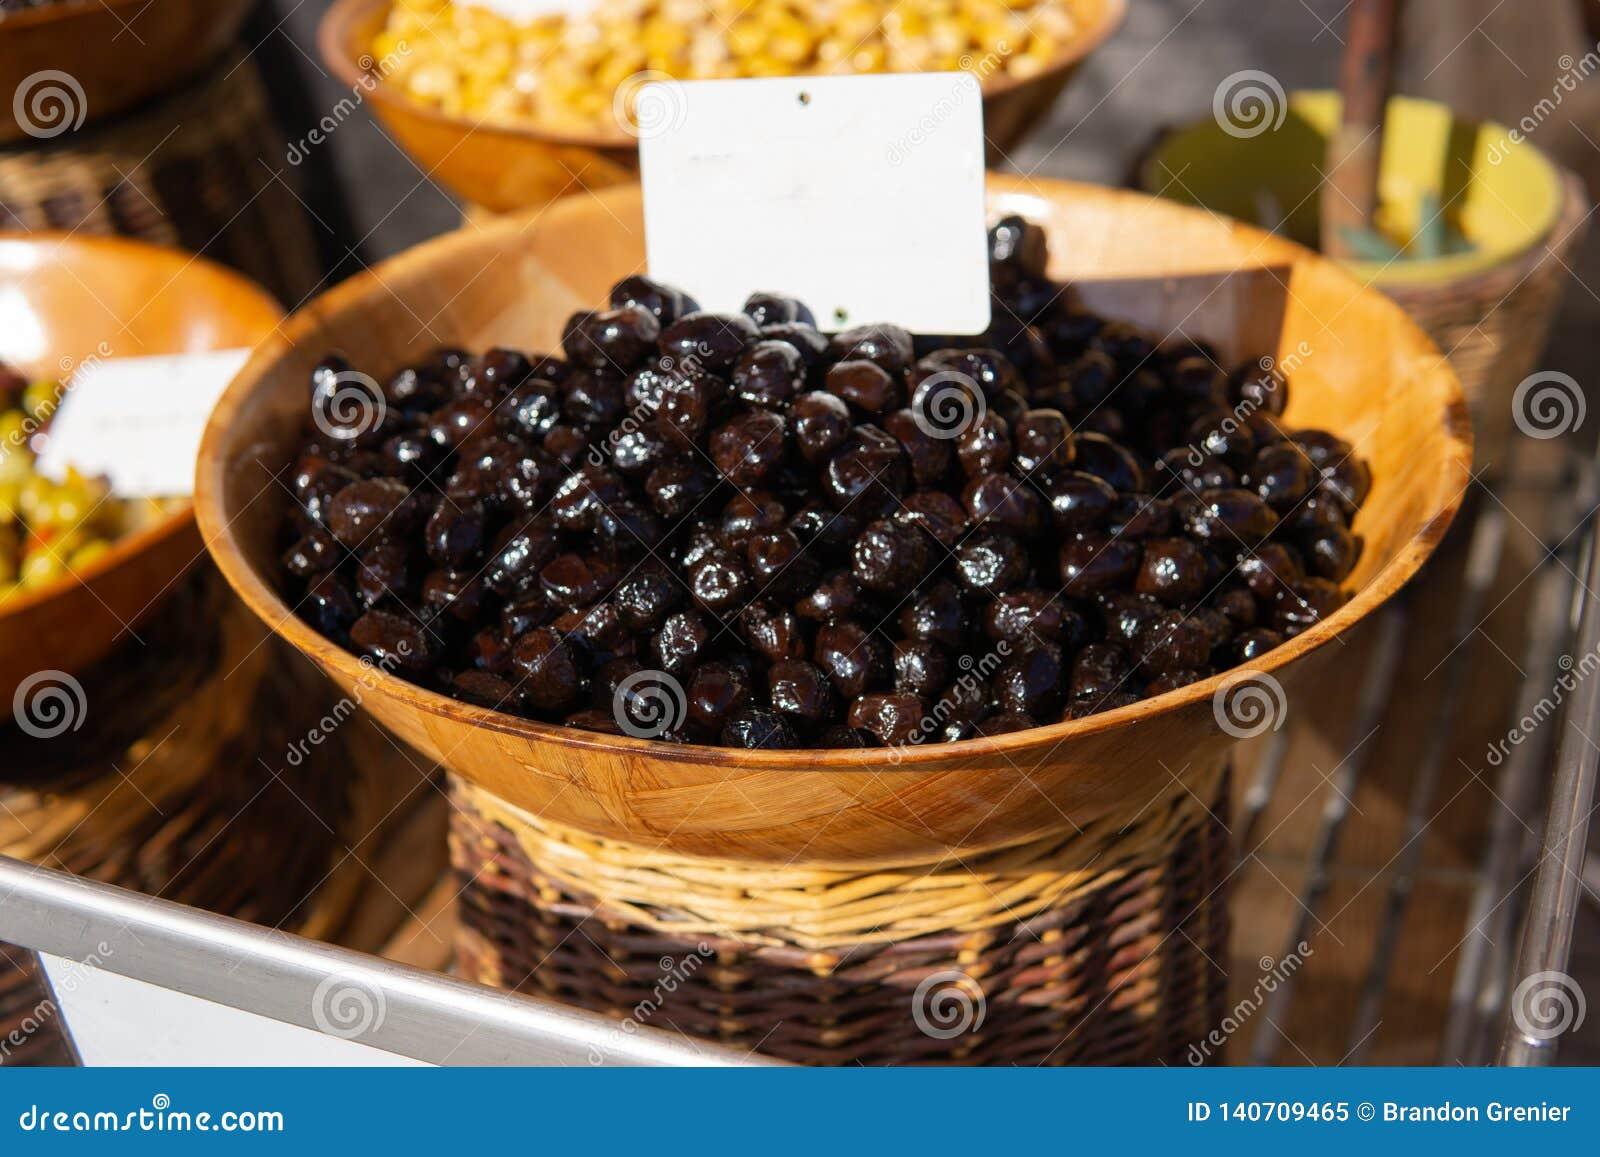 Aceitunas negras en cesta en venta en el mercado de los granjeros